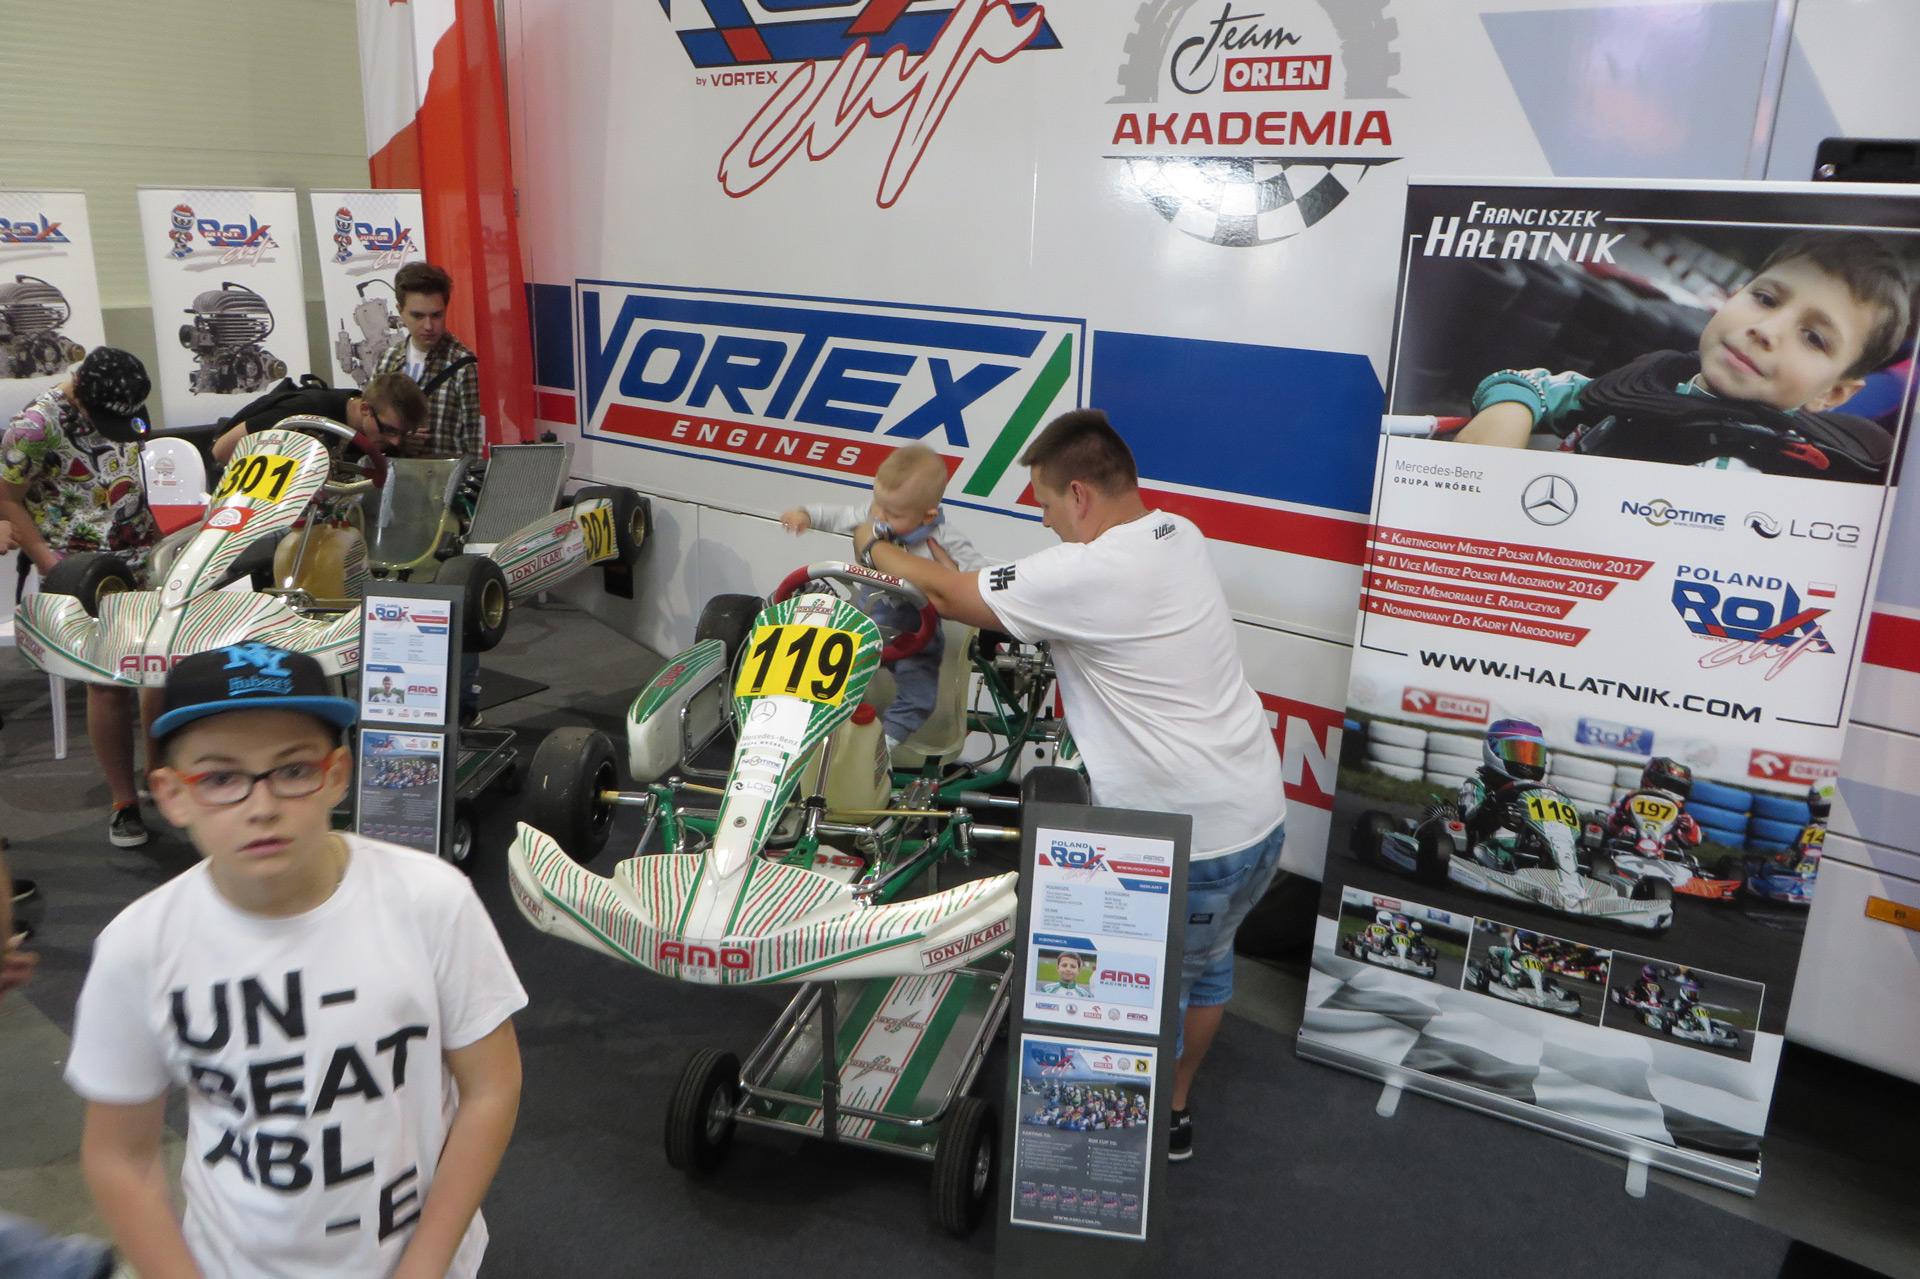 Moto Show - Kraków